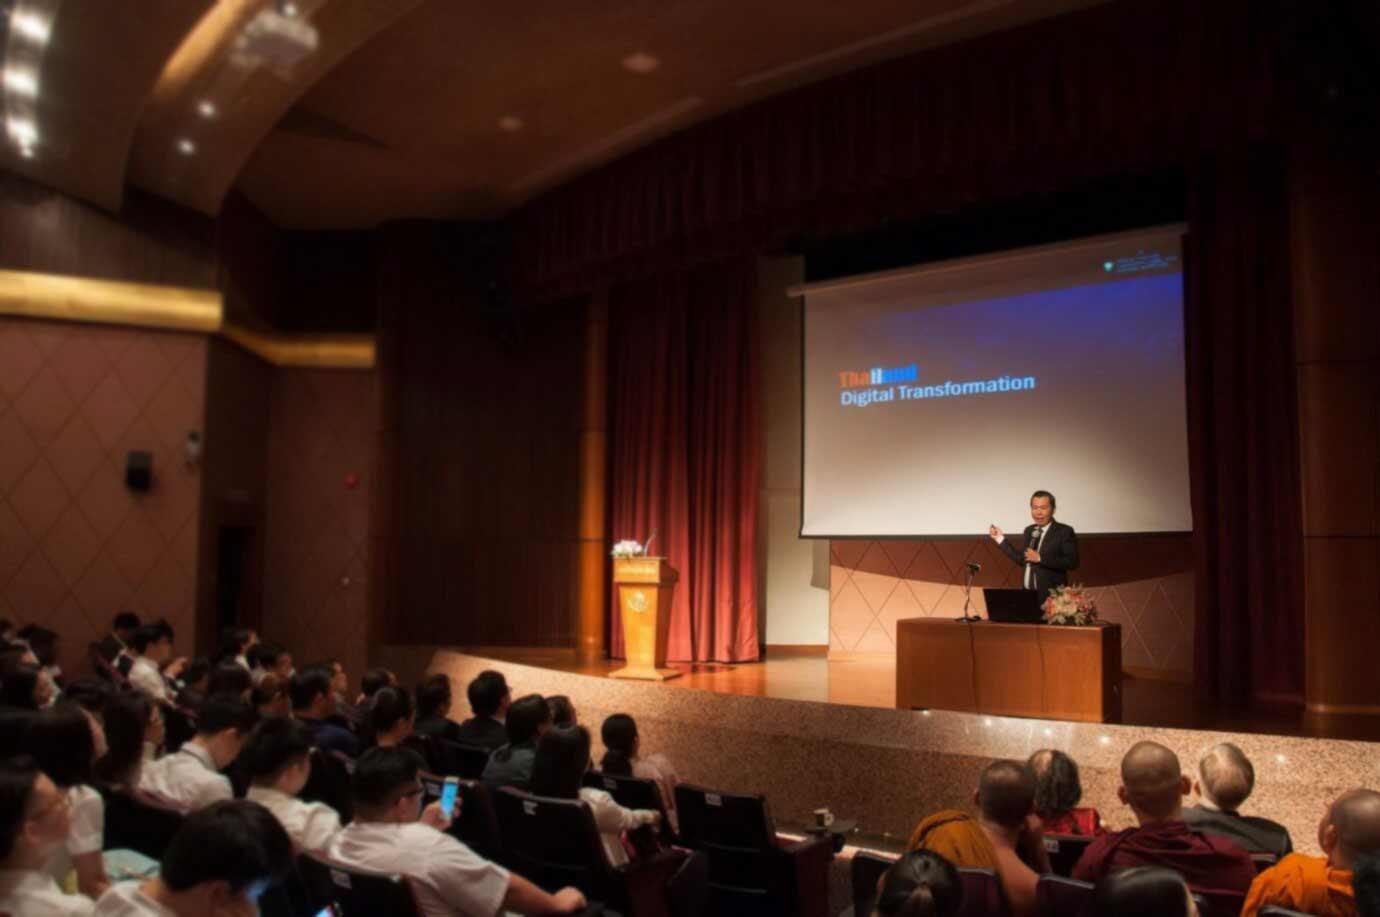 international conference, international conference 2021, การประชุมวิชาการ, การประชุมวิชาการระดับชาติ 2564, การประชุมวิชาการ 2564 เป็นต้น ส่วนชื่อไฟล์ภาพ ควรตั้งเป็น international-conference-Academic-conference-Thailand-2020